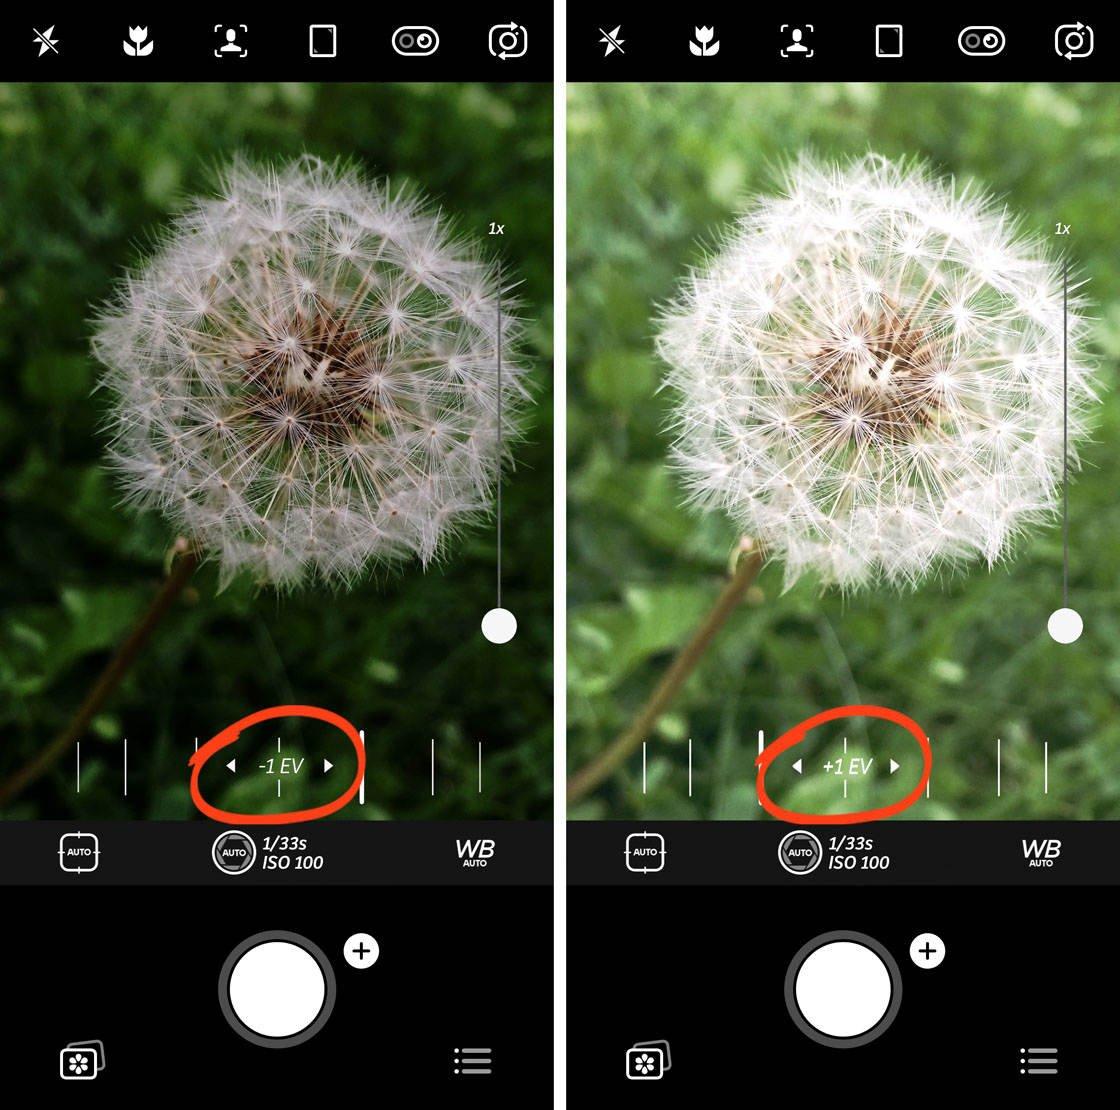 Advanced iphone camera controls 81 no script